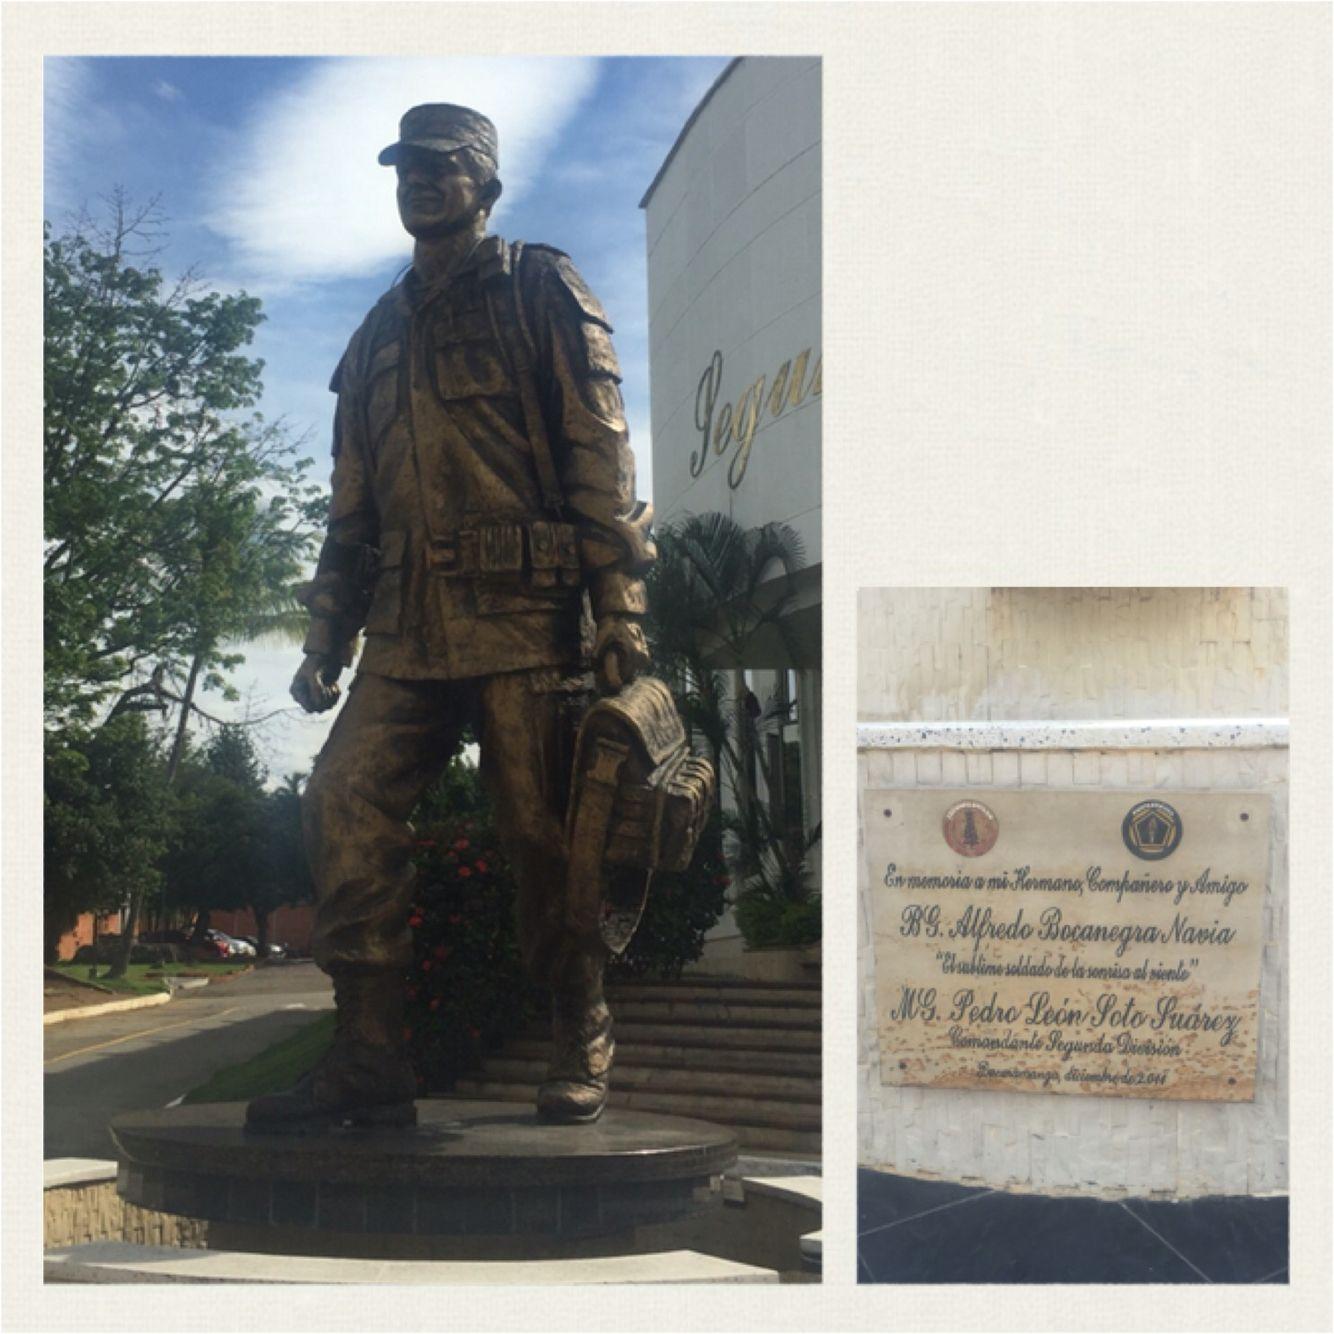 En memoria del BG. Alfredo Bocanegra Navia en la Quinta Brigada del Ejército de Colombia